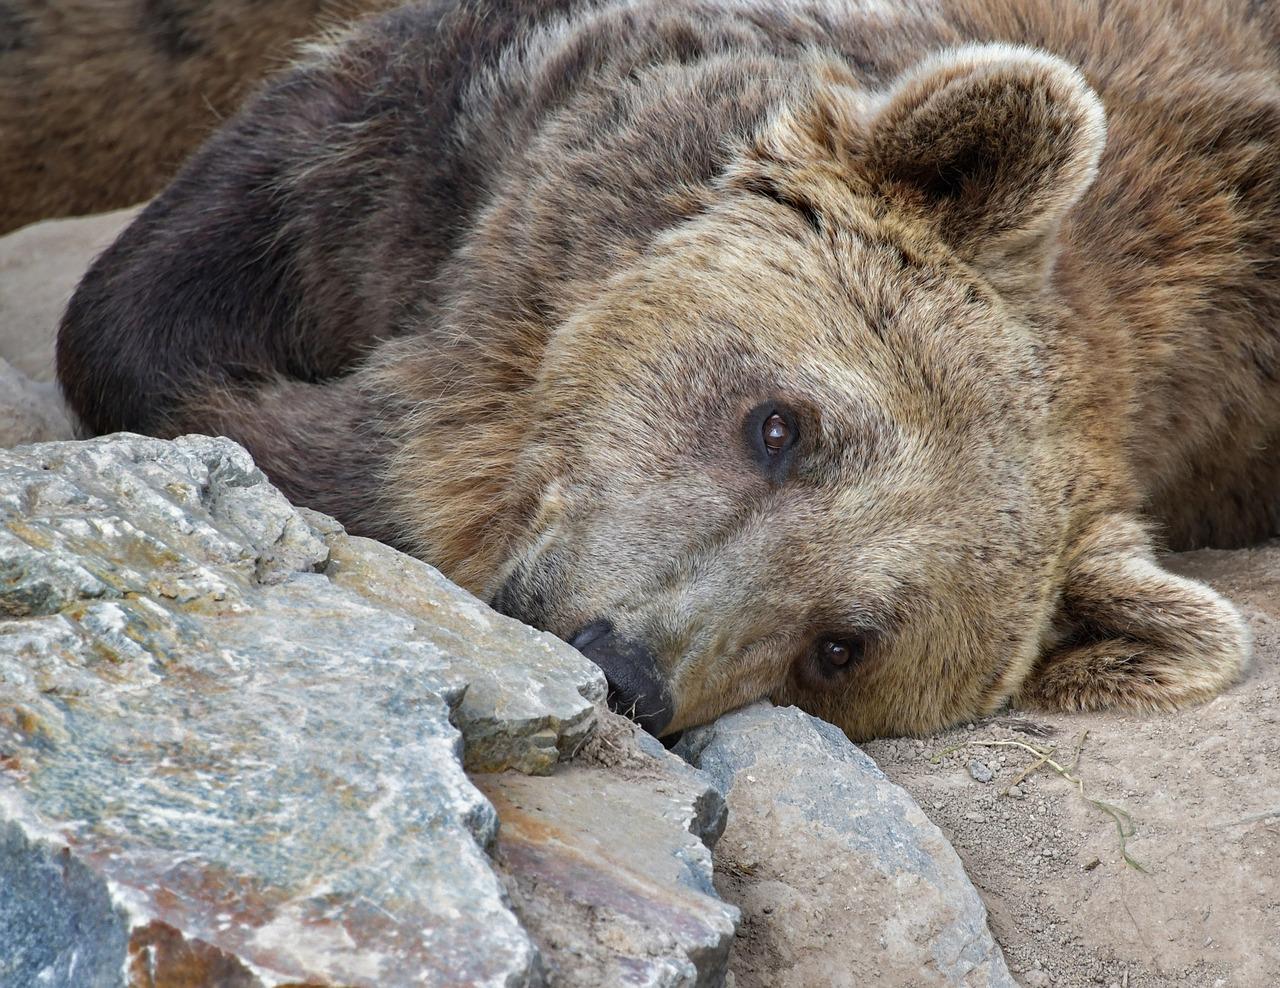 valokuvassa näkyy karhun yläruumis. karhy makaa maassa pää kääntyneenä ja katselee jonnekin yläviistoon.